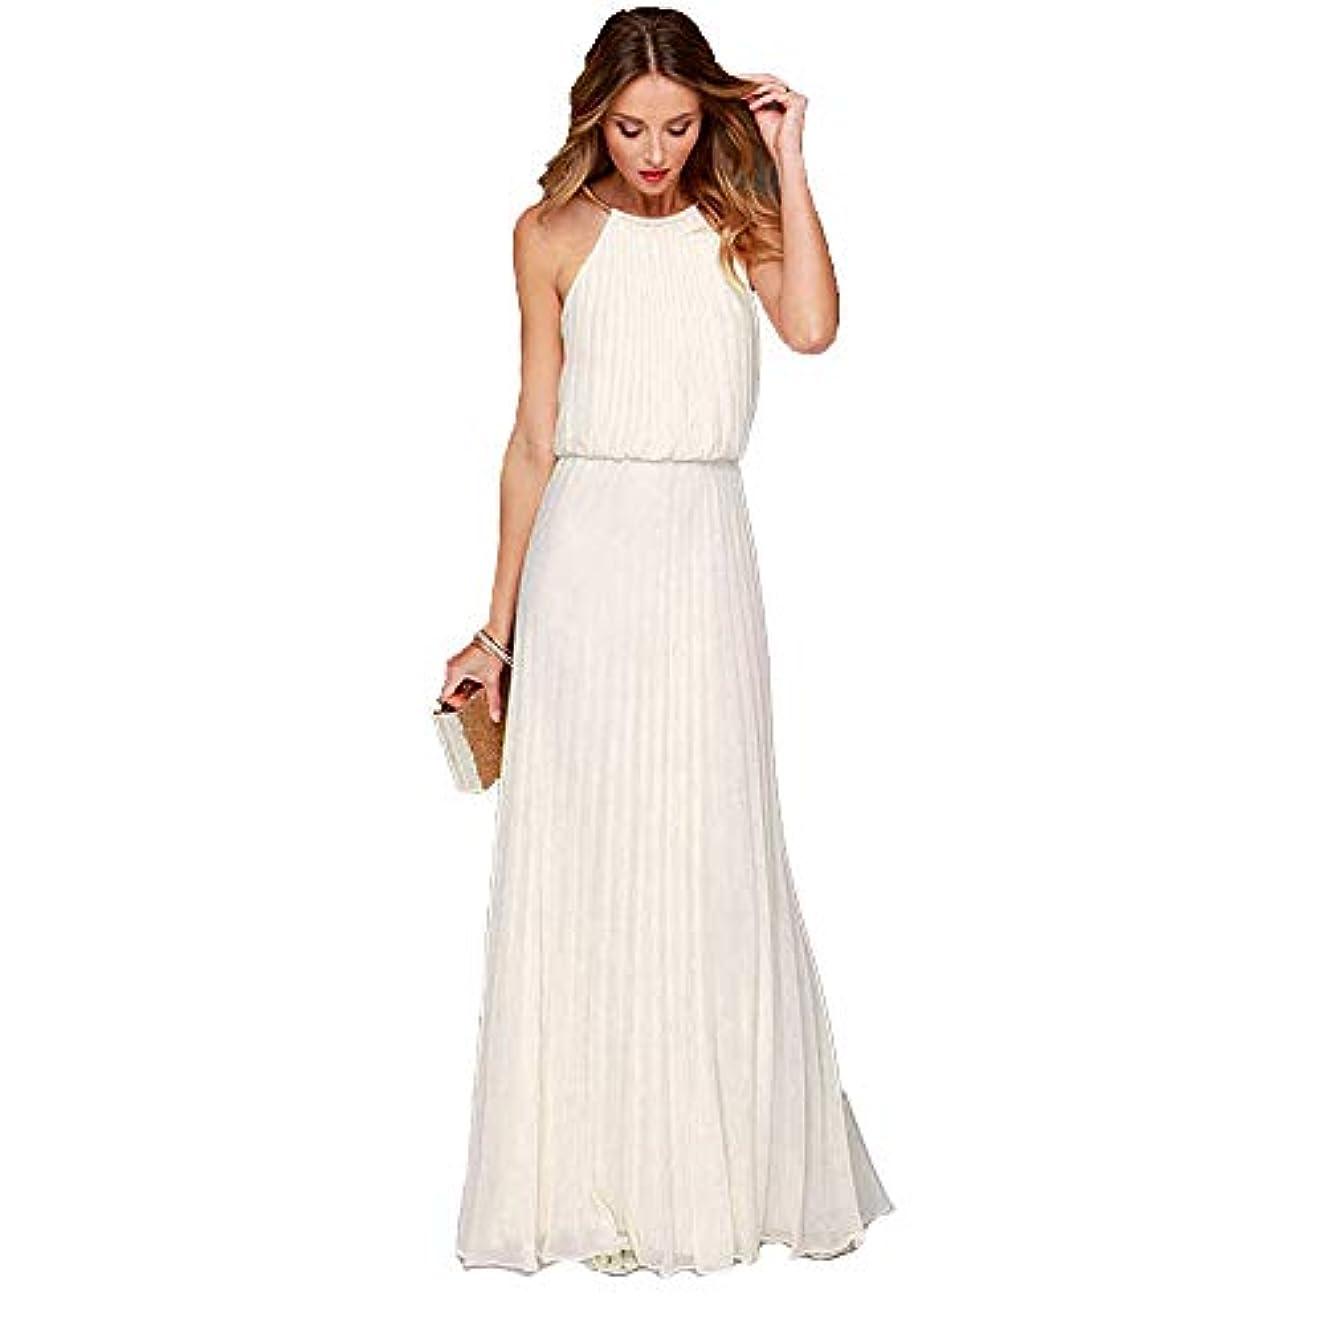 百万契約会議MIFANロングドレス、セクシーなドレス、エレガント、女性のファッション、ノースリーブのドレス、ファッションドレス、ニット、スリム